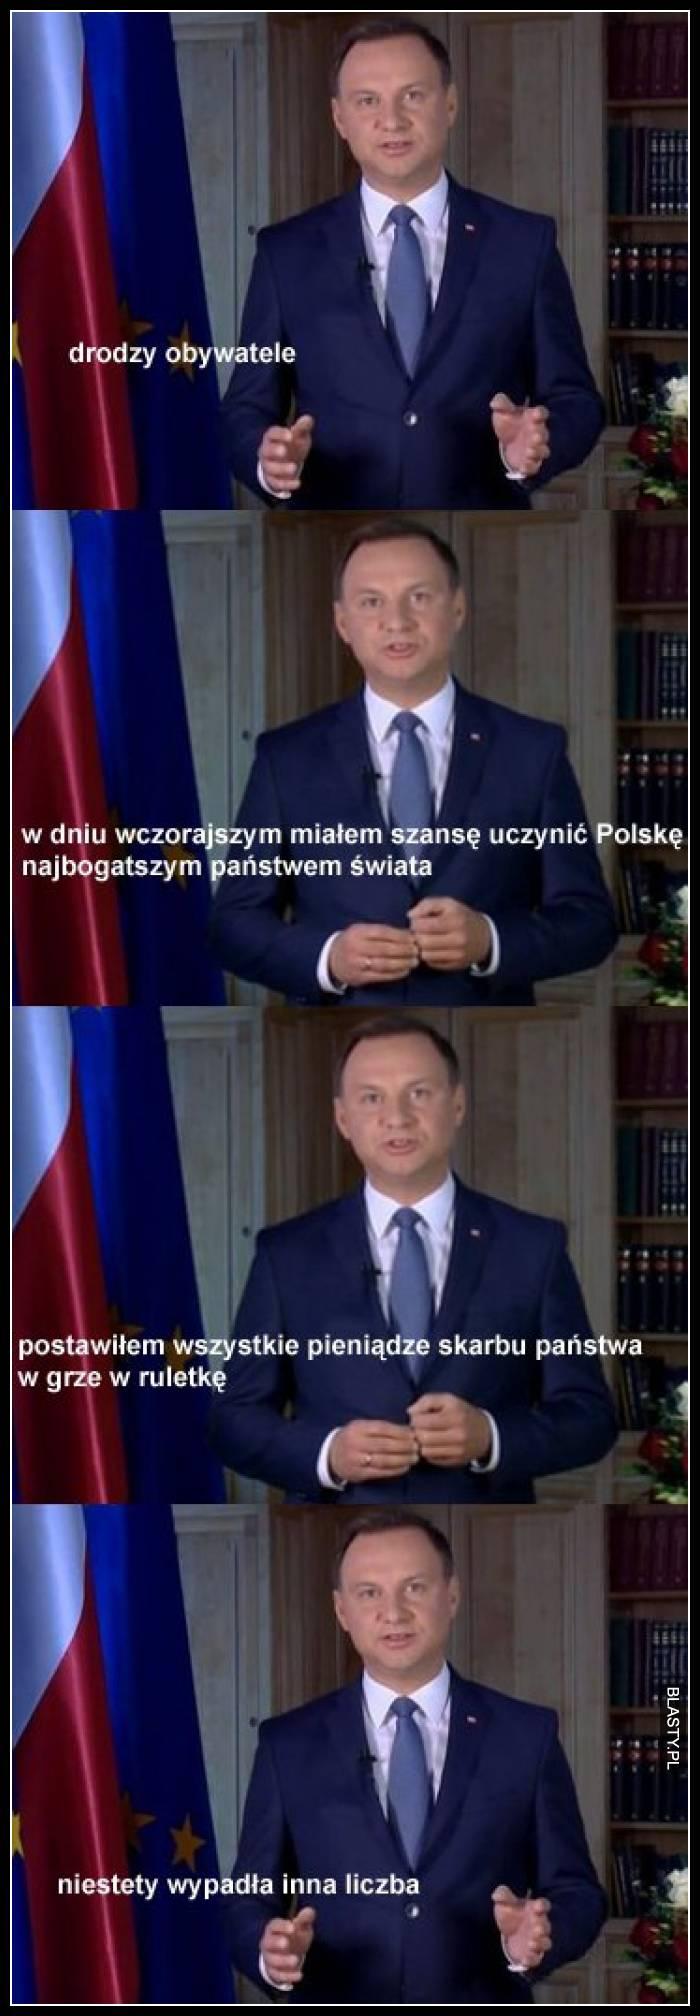 Drodzy obywatele w dniu wczorajszym miałem szansę uczynić Polskę najbogatszym państwem świata